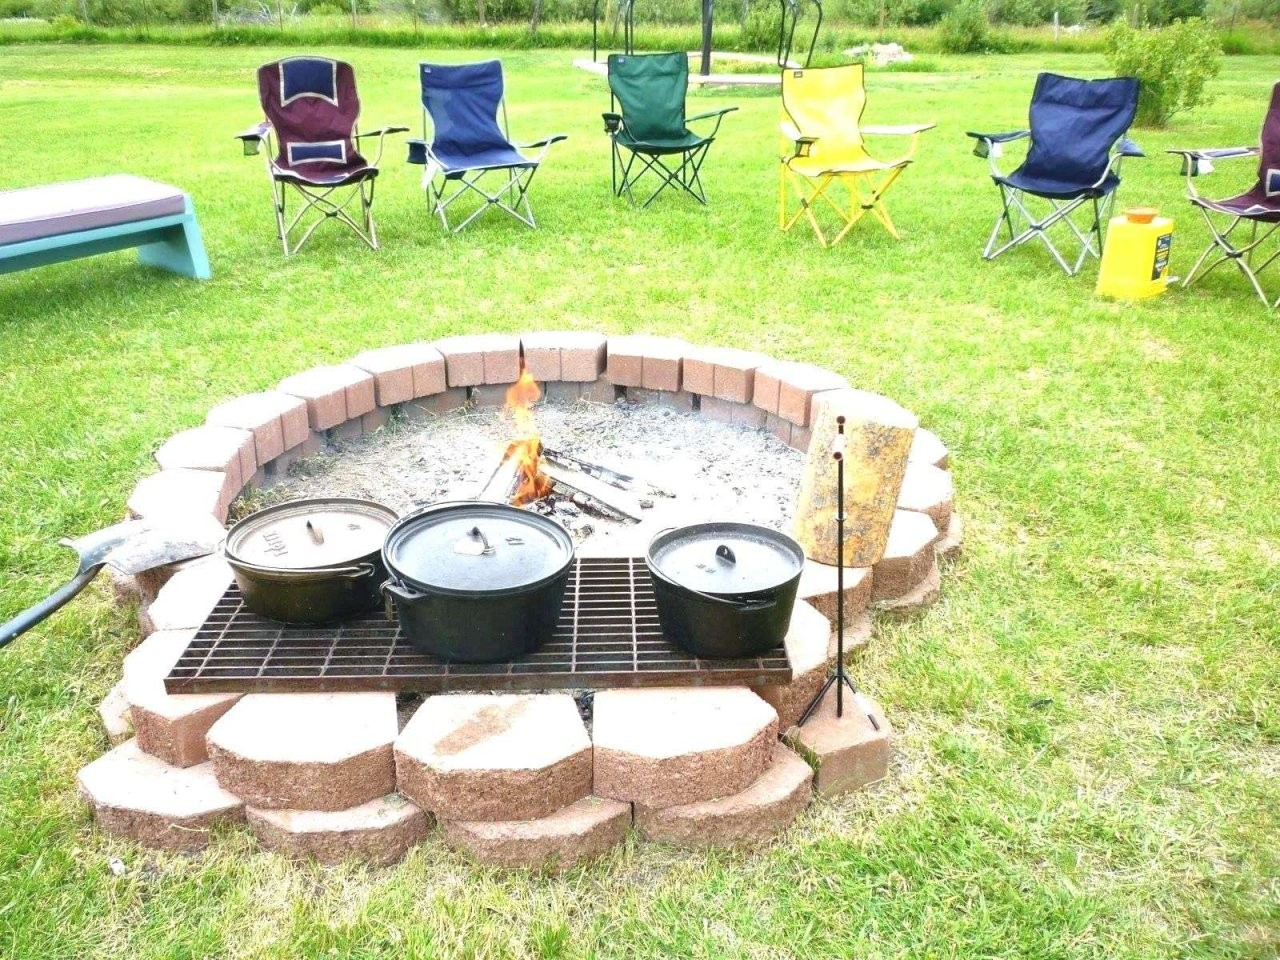 Offene Feuerstelle Im Garten Reizend Tolle 35 Feuerstelle Garten von Offene Feuerstelle Garten Selber Bauen Photo